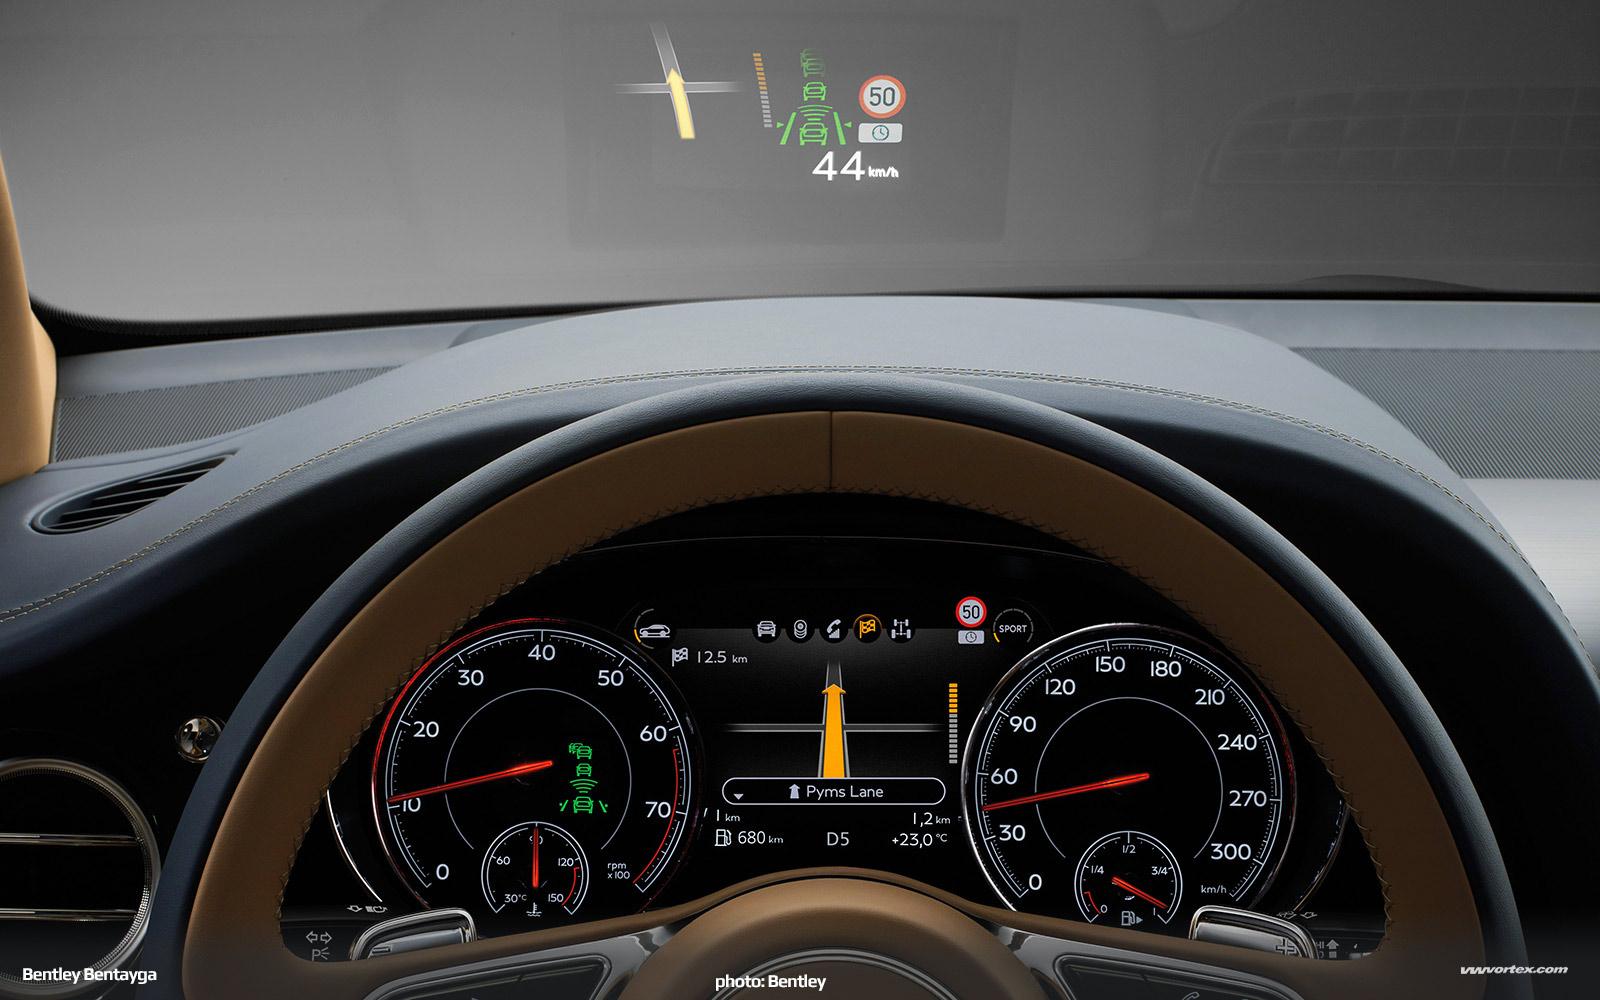 Bentley-Bentayga-SUV-crossover-2016-458